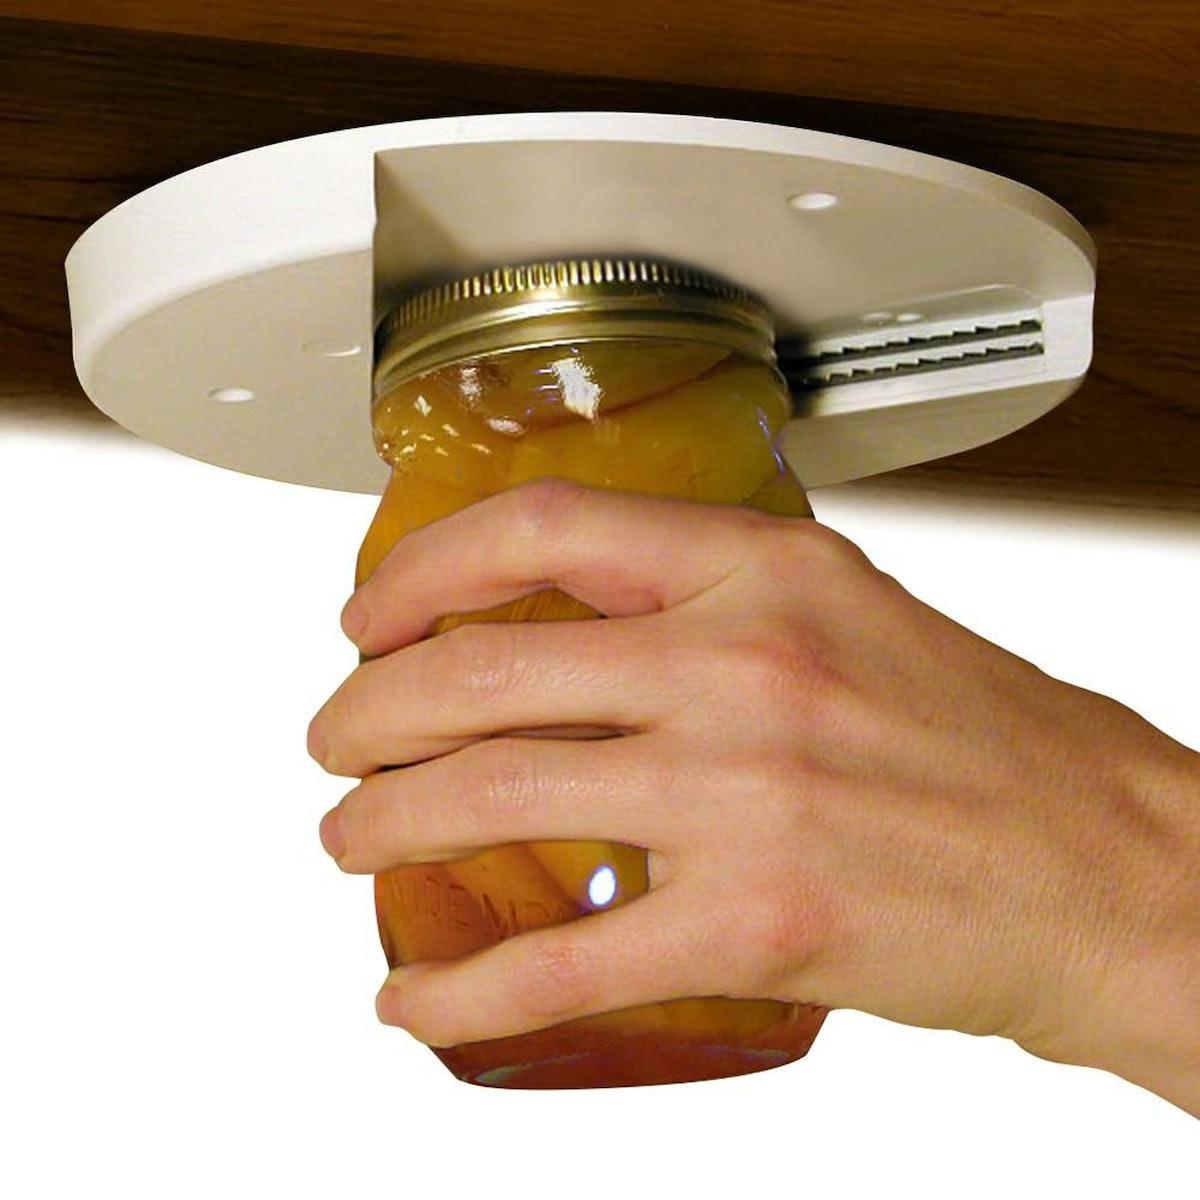 EZ Off Jar Opener